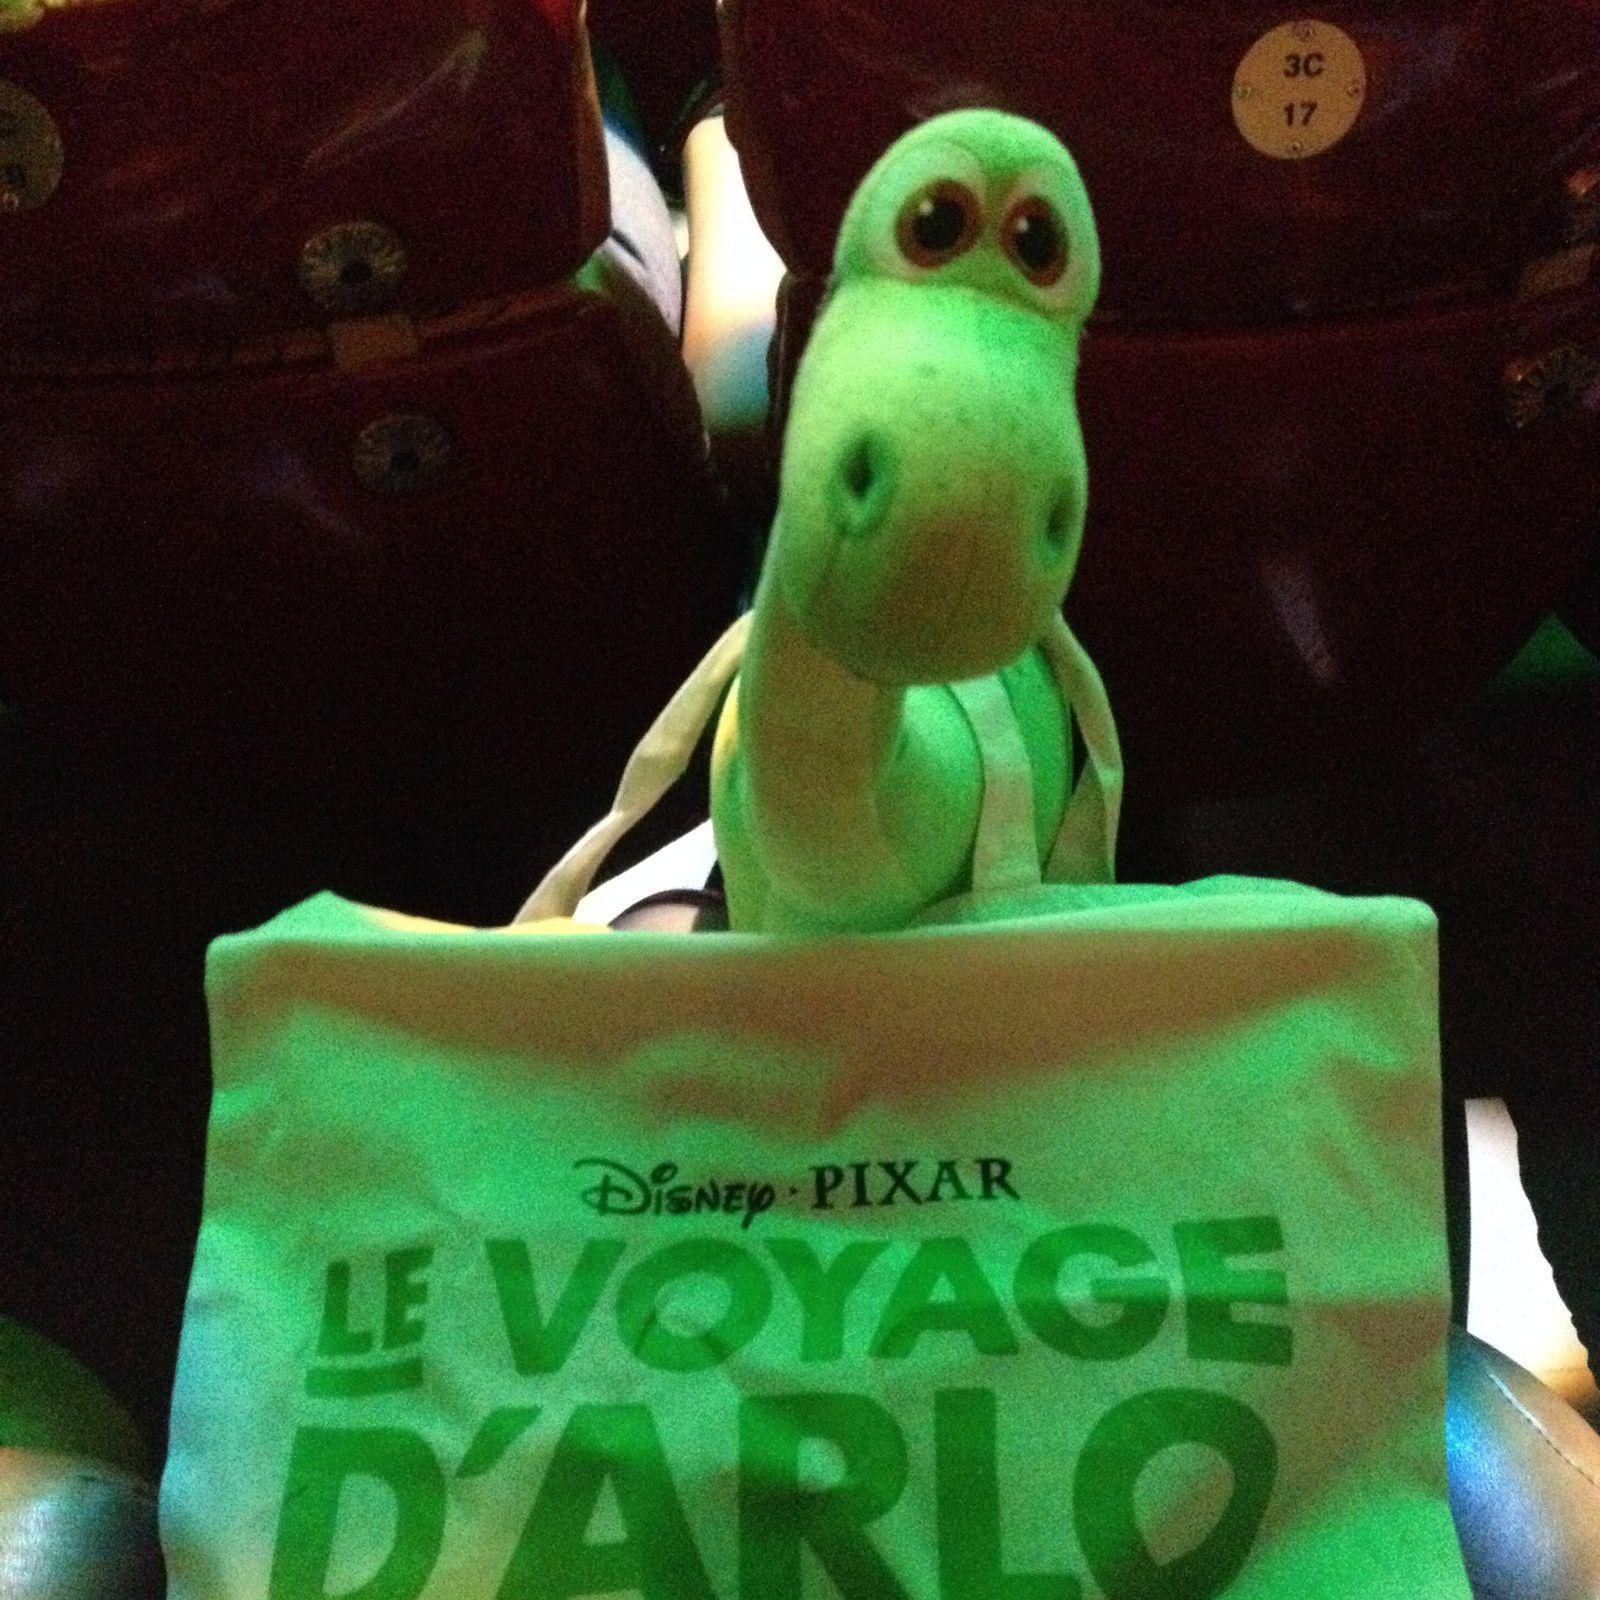 Le Voyage d'Arlo : le nouveau film Pixar